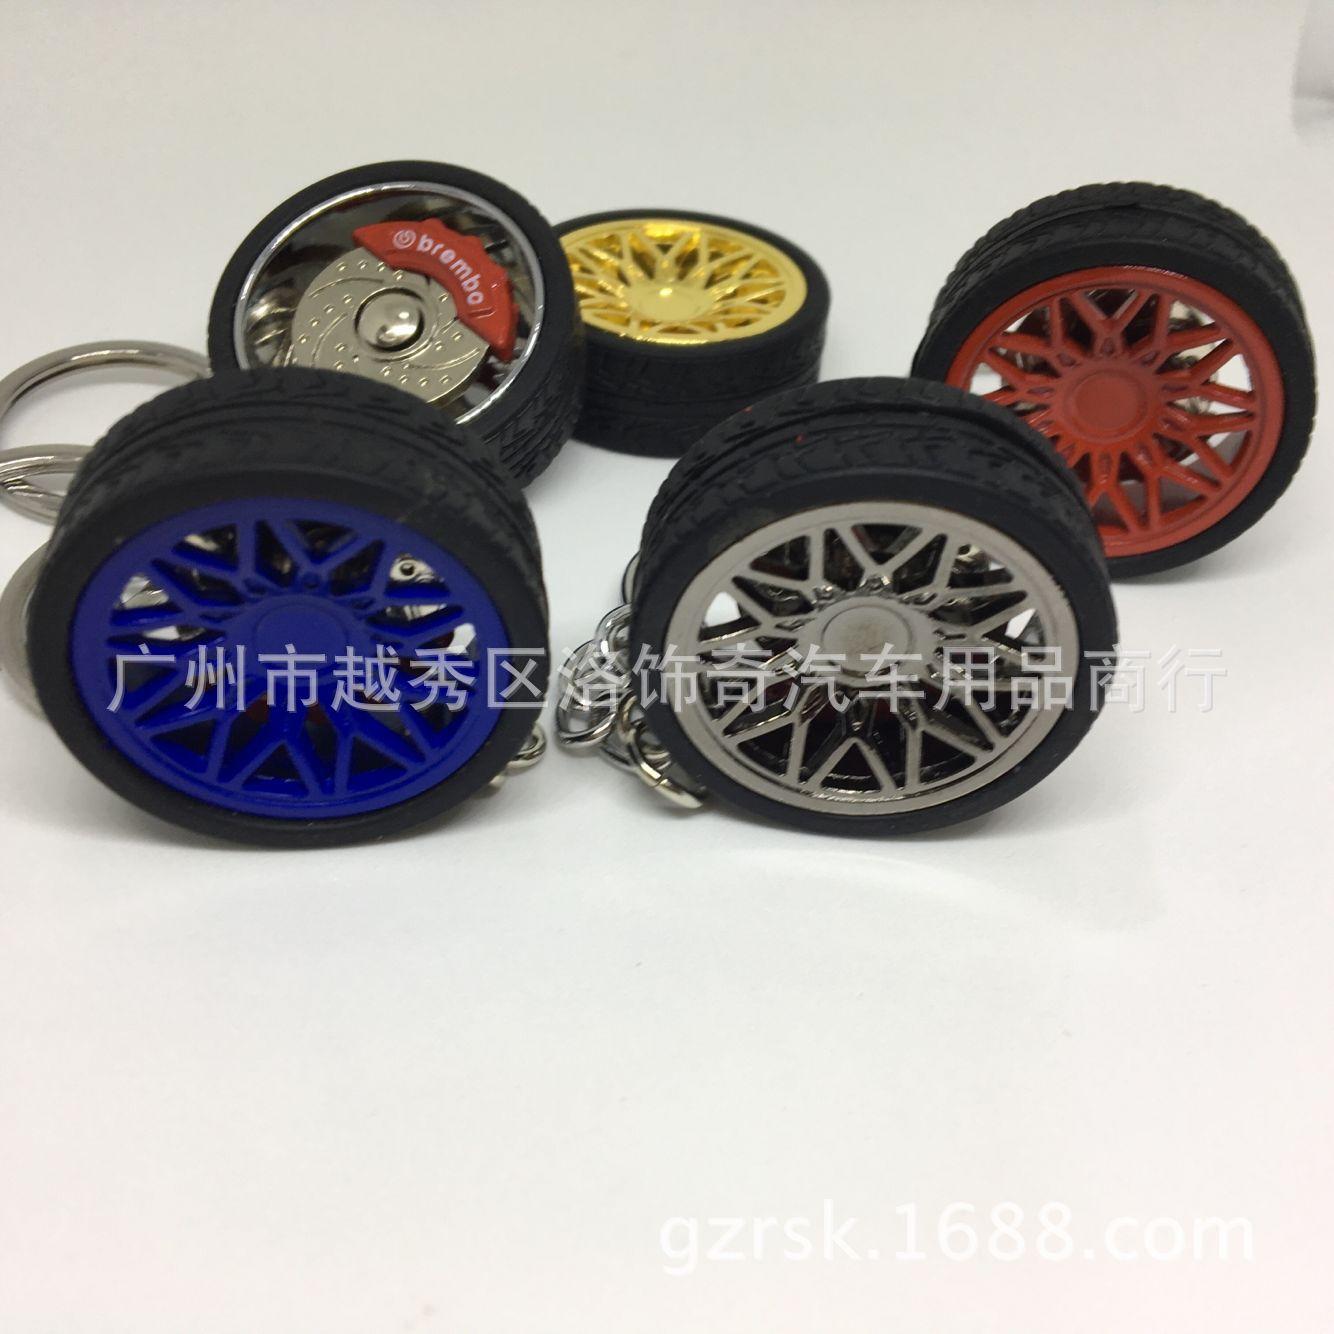 汽车零件轮毂金属钥匙扣胶圈碟刹Bremo轮胎模型个性改装钥匙圈